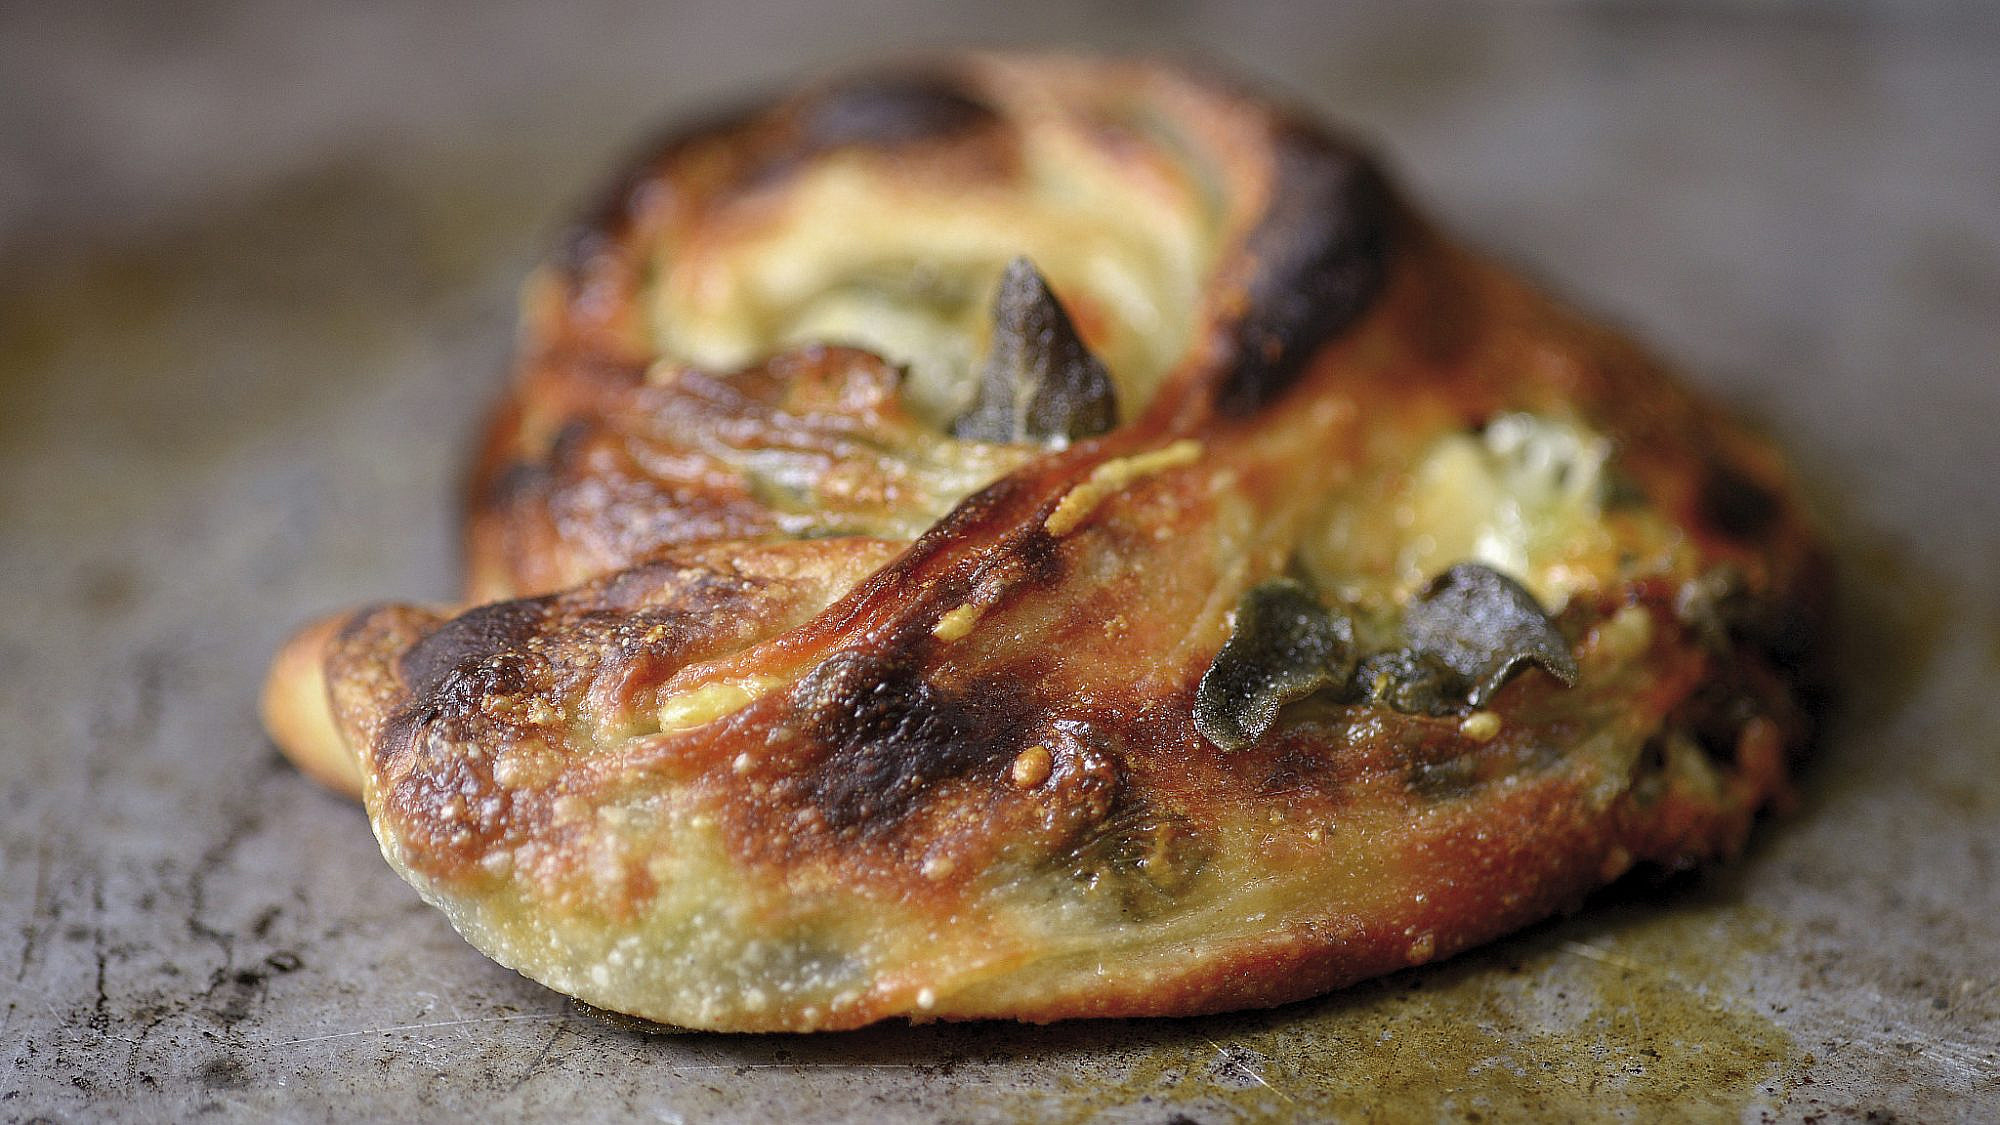 חלוז זעתר של שף ארז קומרובסקי. צילום: רן בירן